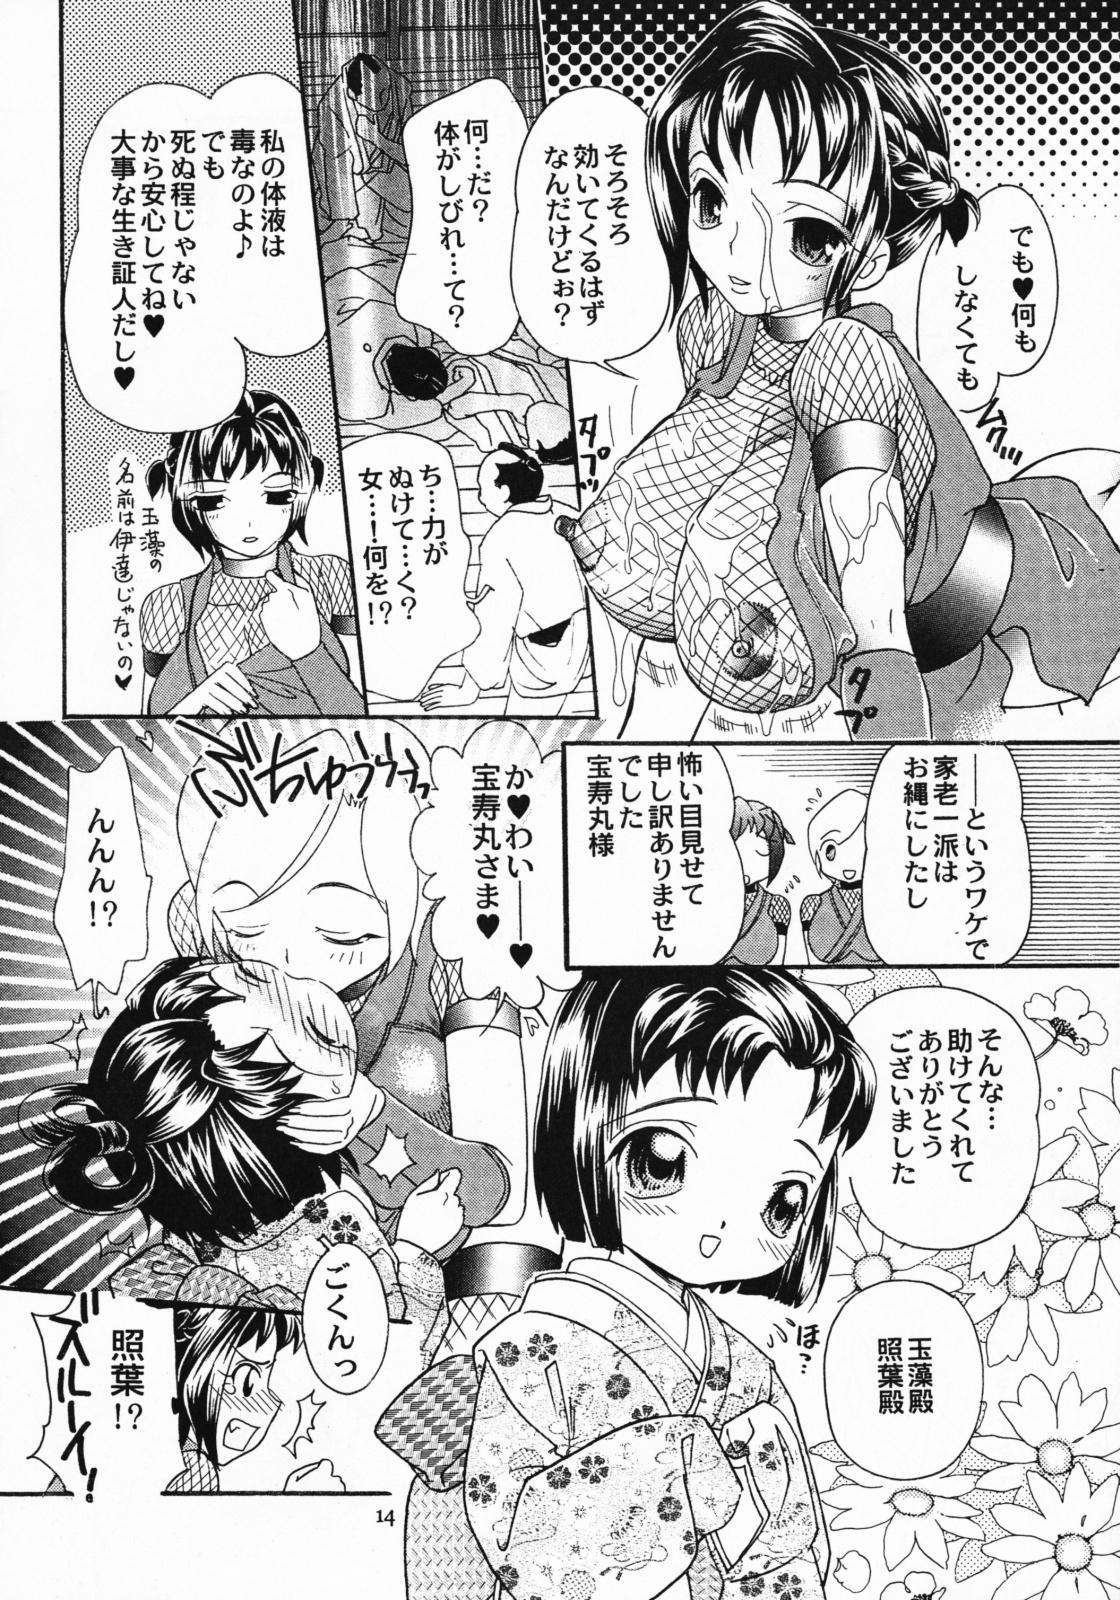 Kunoichi Gahou 3 12